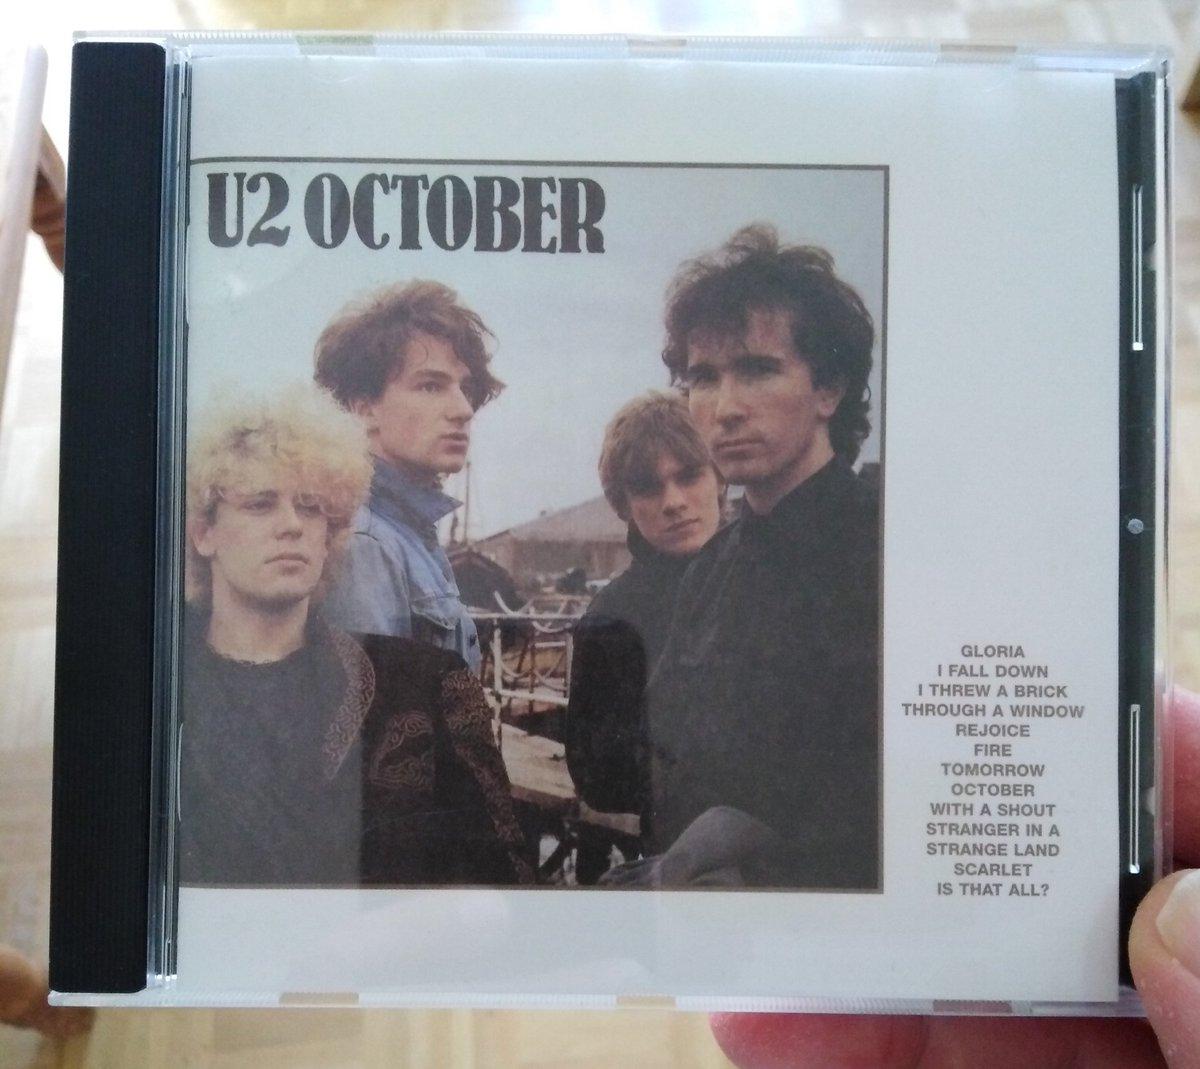 """""""October"""" kann ich mir sicher auch im Mai anhören!  U2  #christianlauscht dem Album aus dem Jahr 1981.  #wirbleibenzuhause #StayHomepic.twitter.com/4jeZyzZUru"""